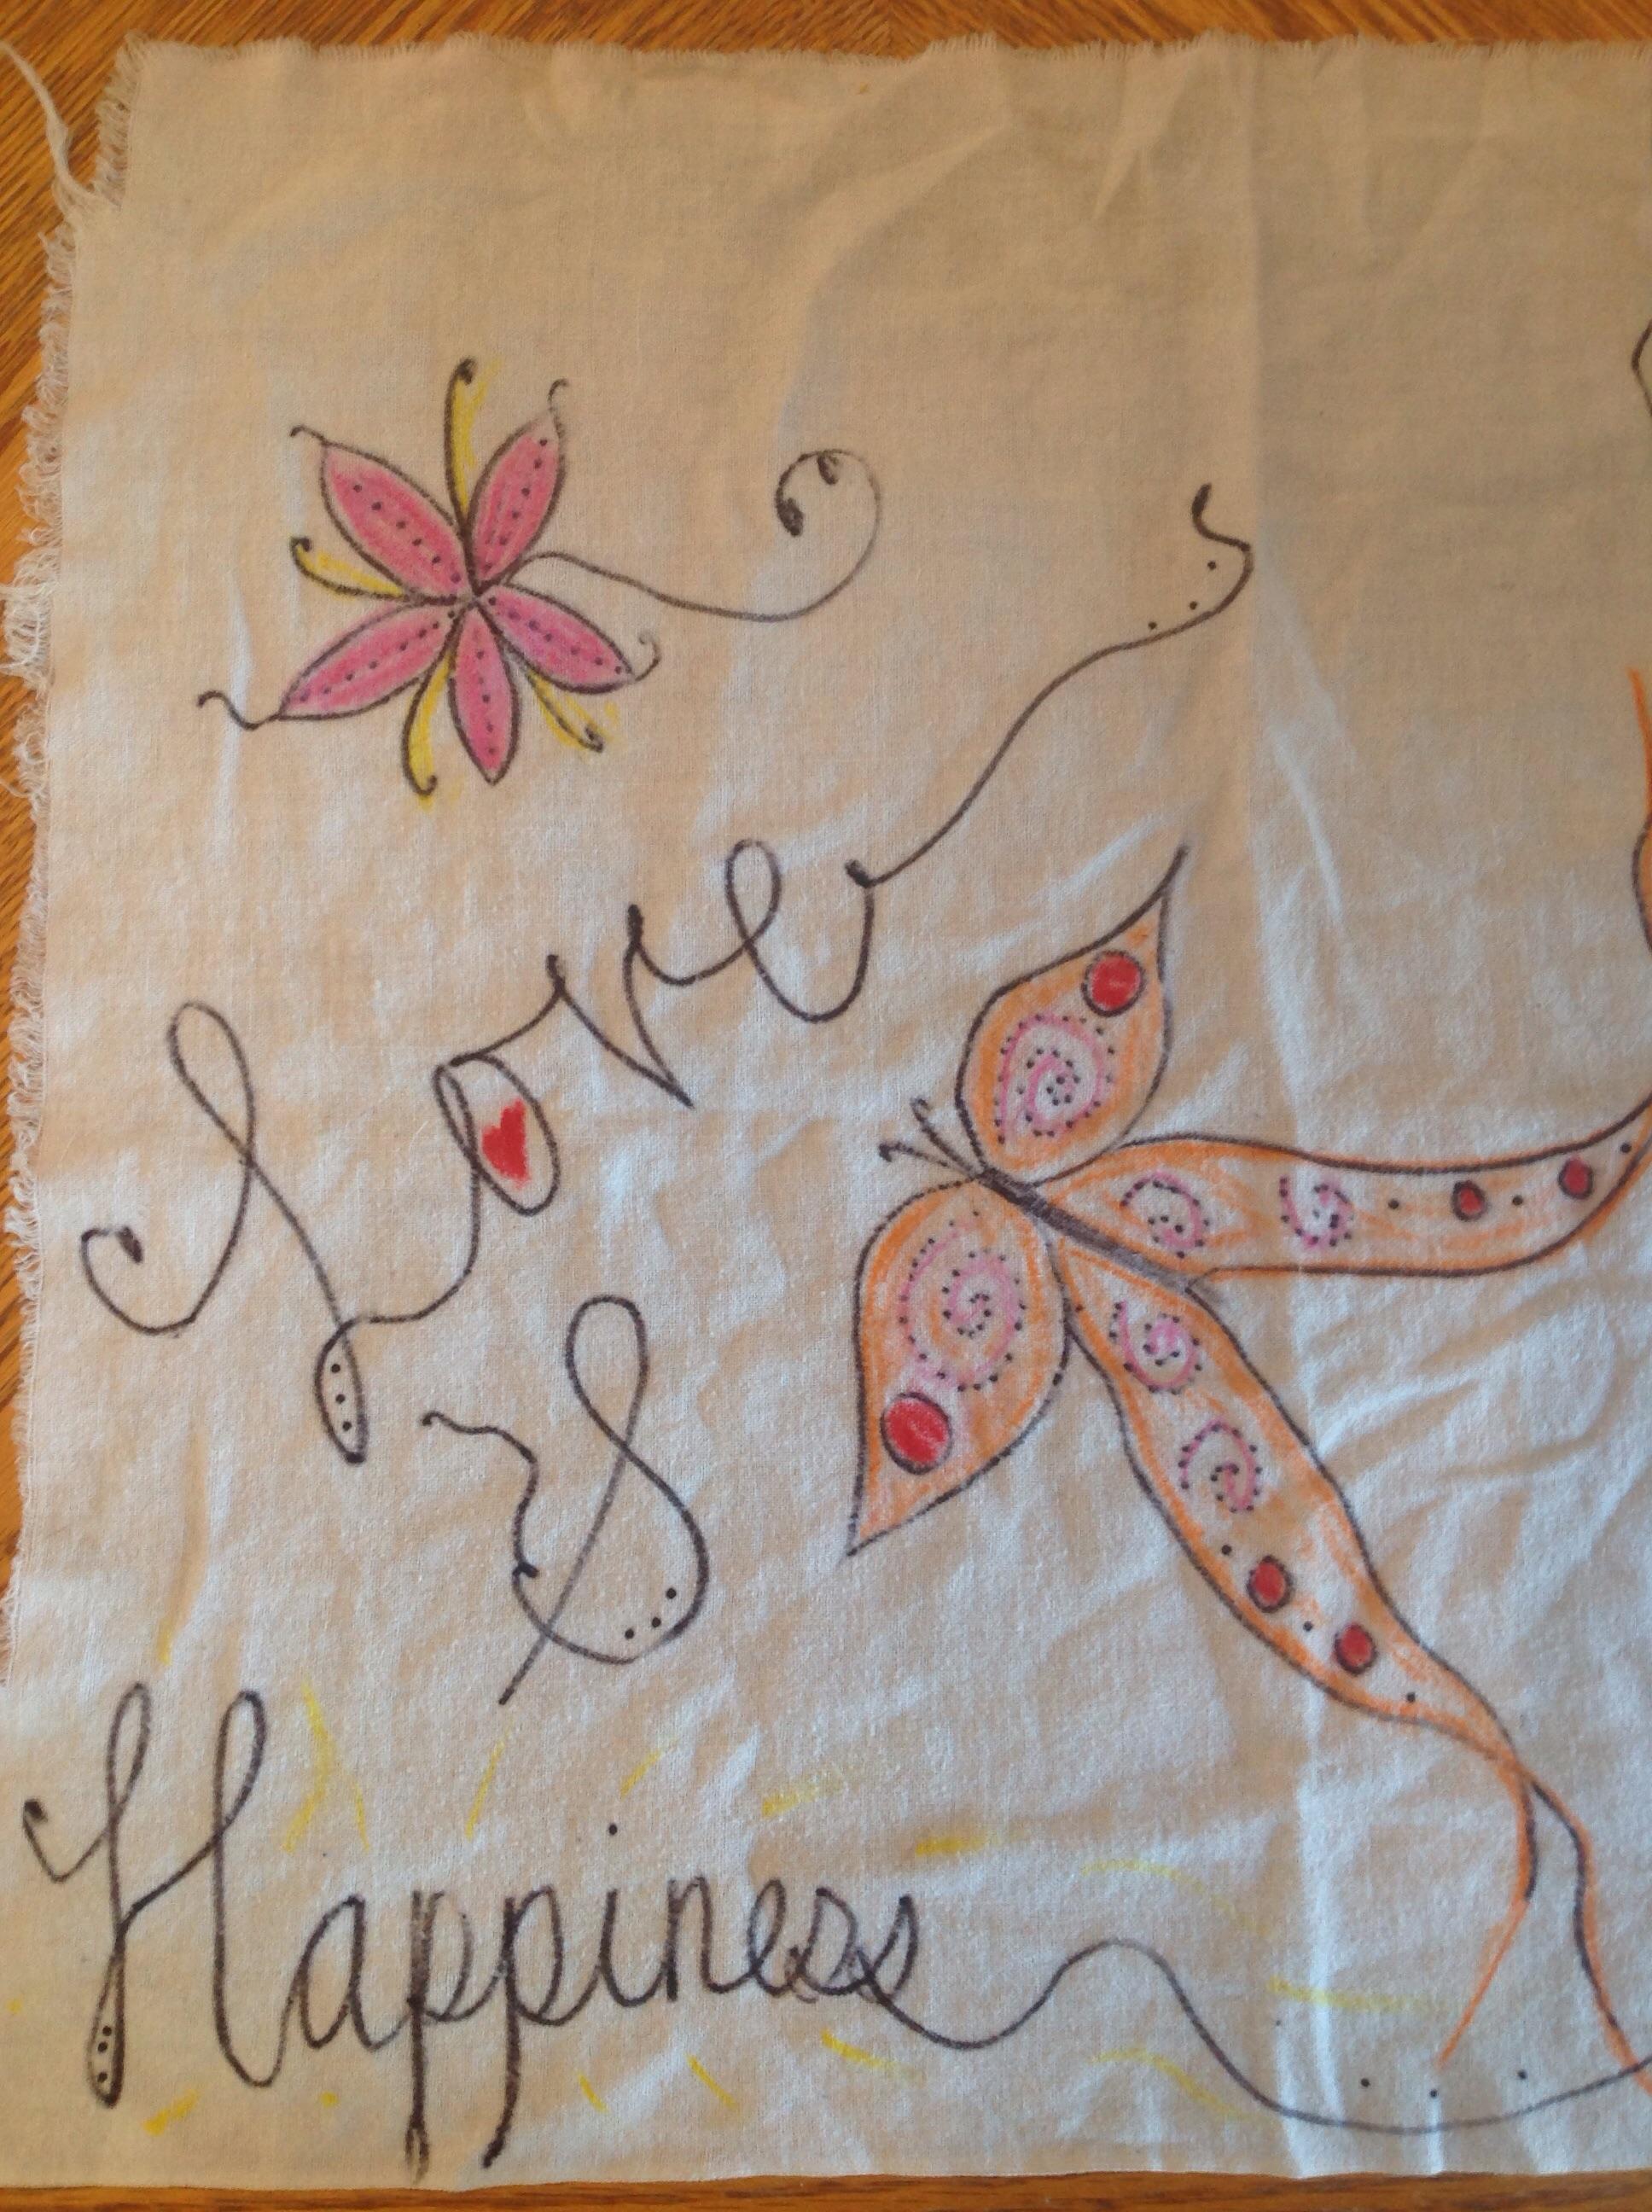 6+ items écolos faits maison, pour soi-même ou cadeaux, Blog Bonheur, zen, famille alternative   Marie-Eve Boudreault, auteure